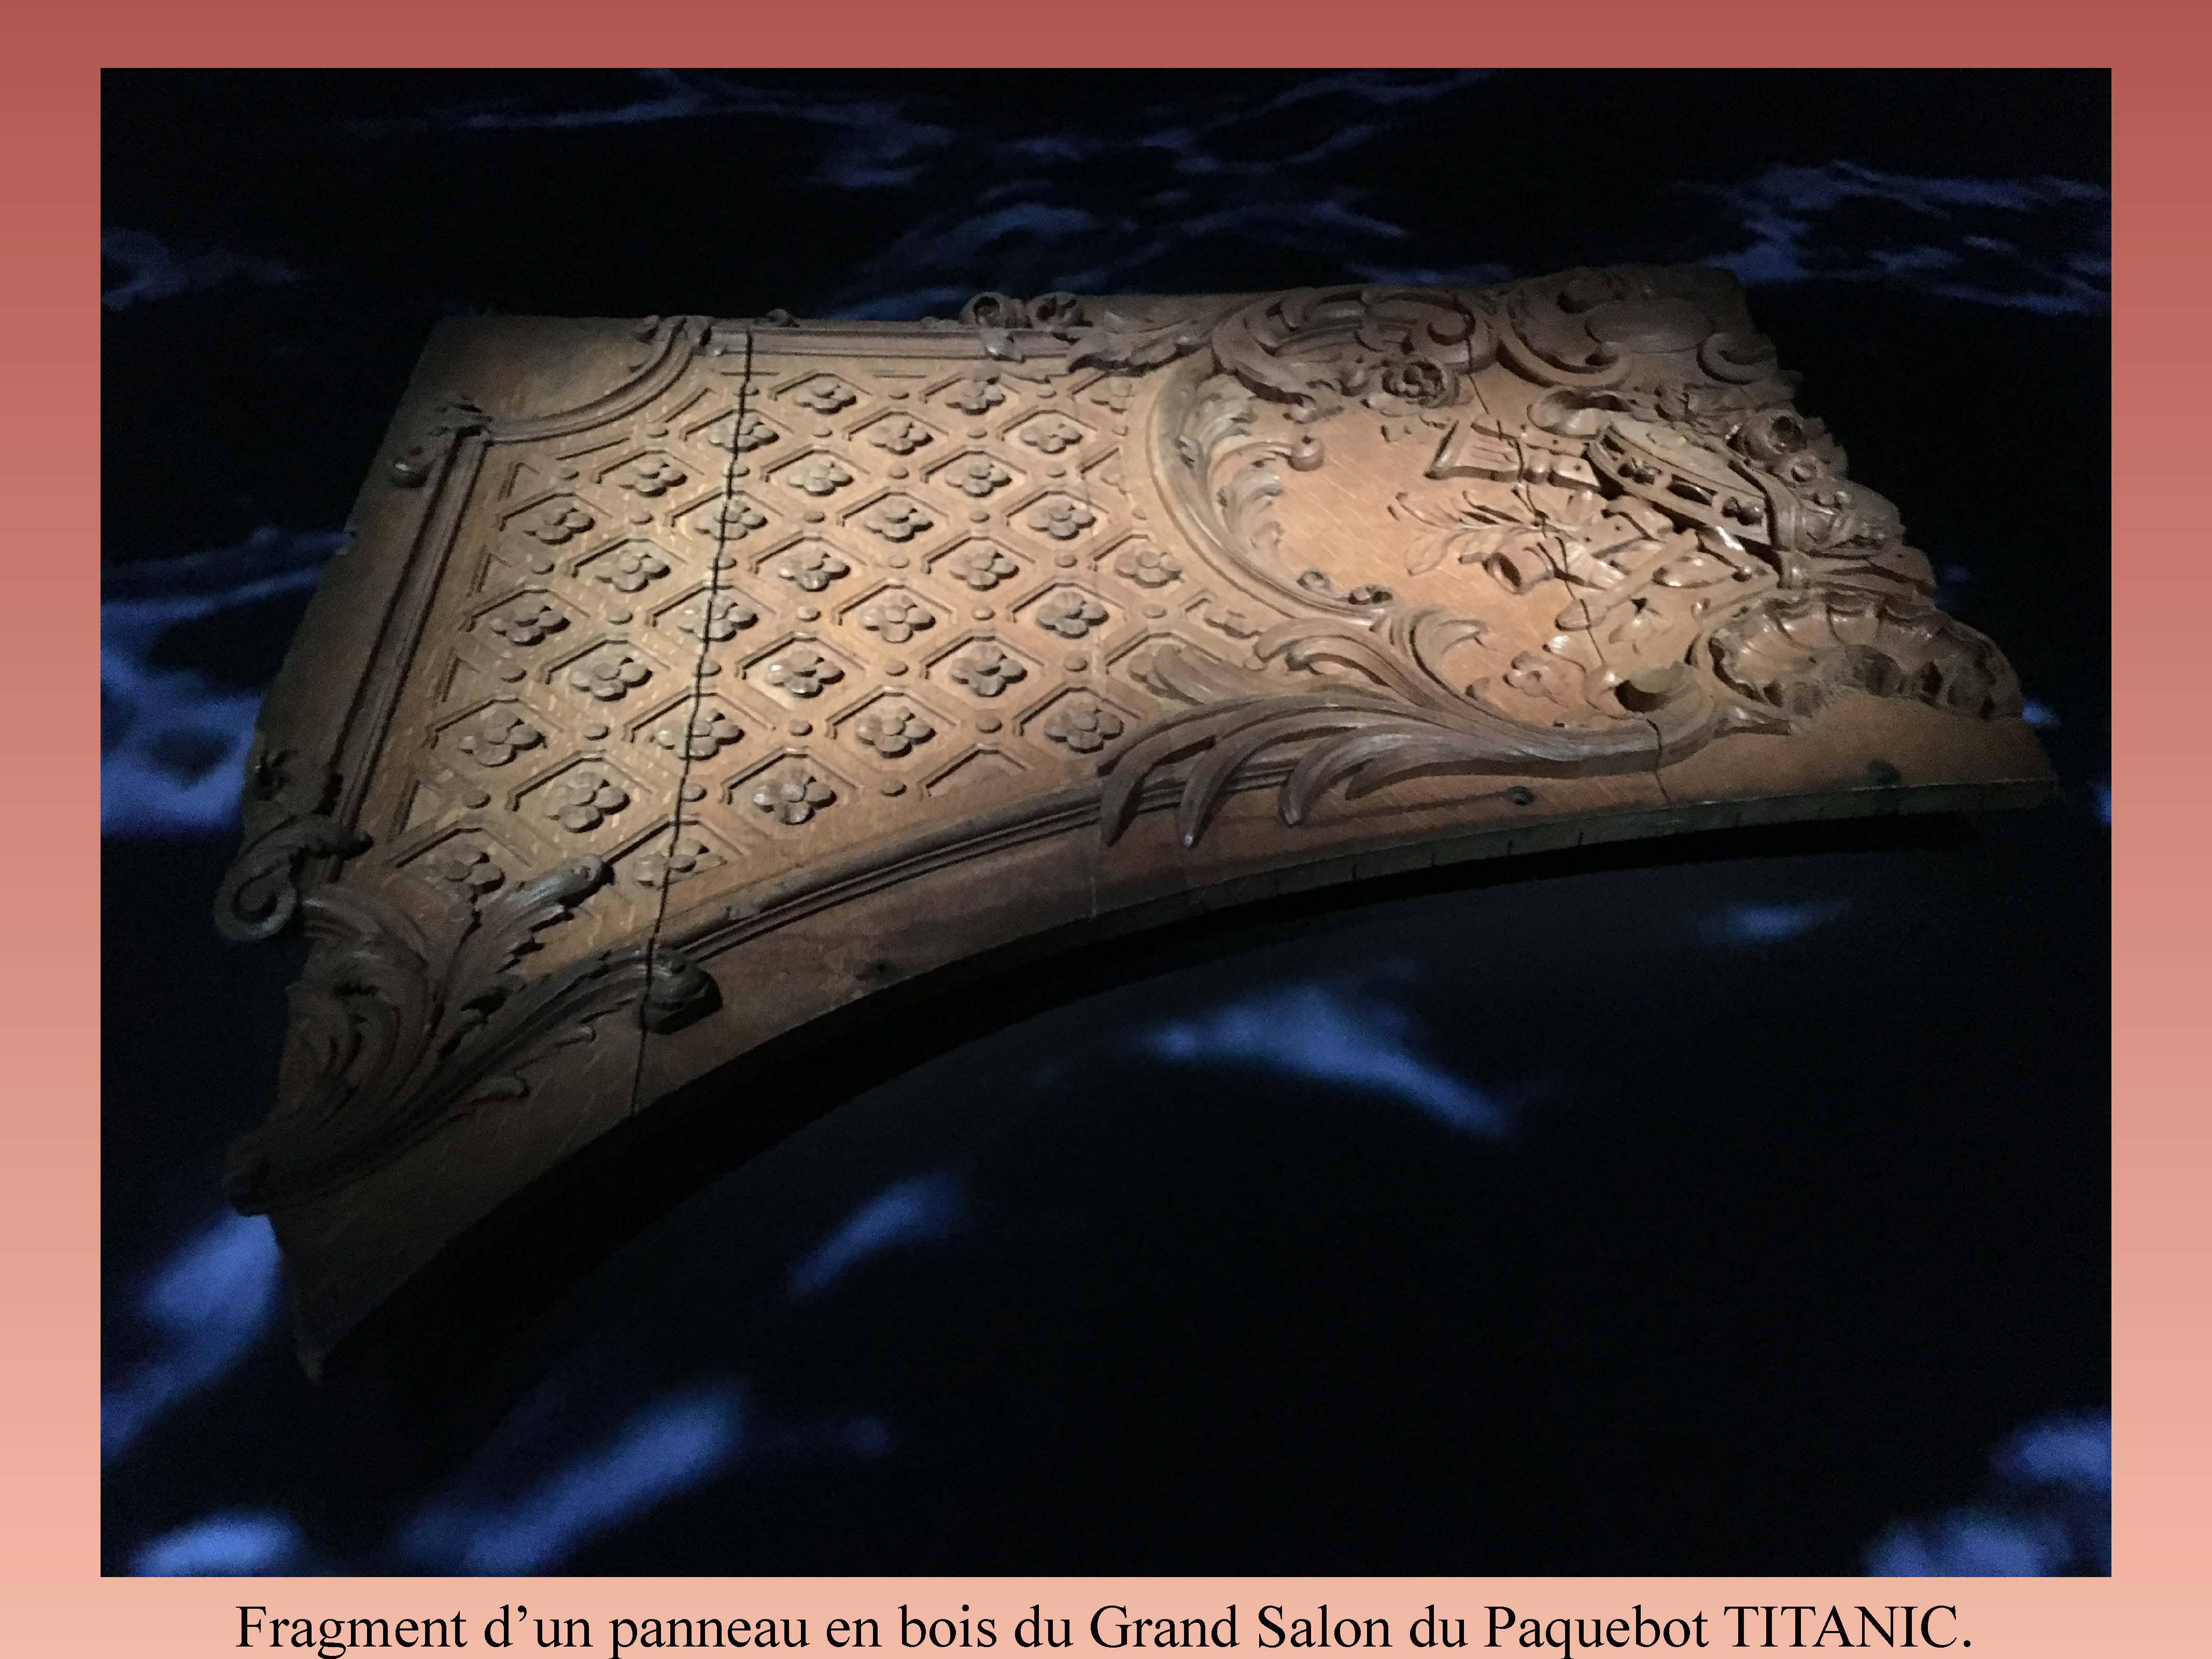 PAQUEBOT DU PASSÉ EXPOSITION AU VICTORIAN ET ALBERT MUSEUM_Page_36